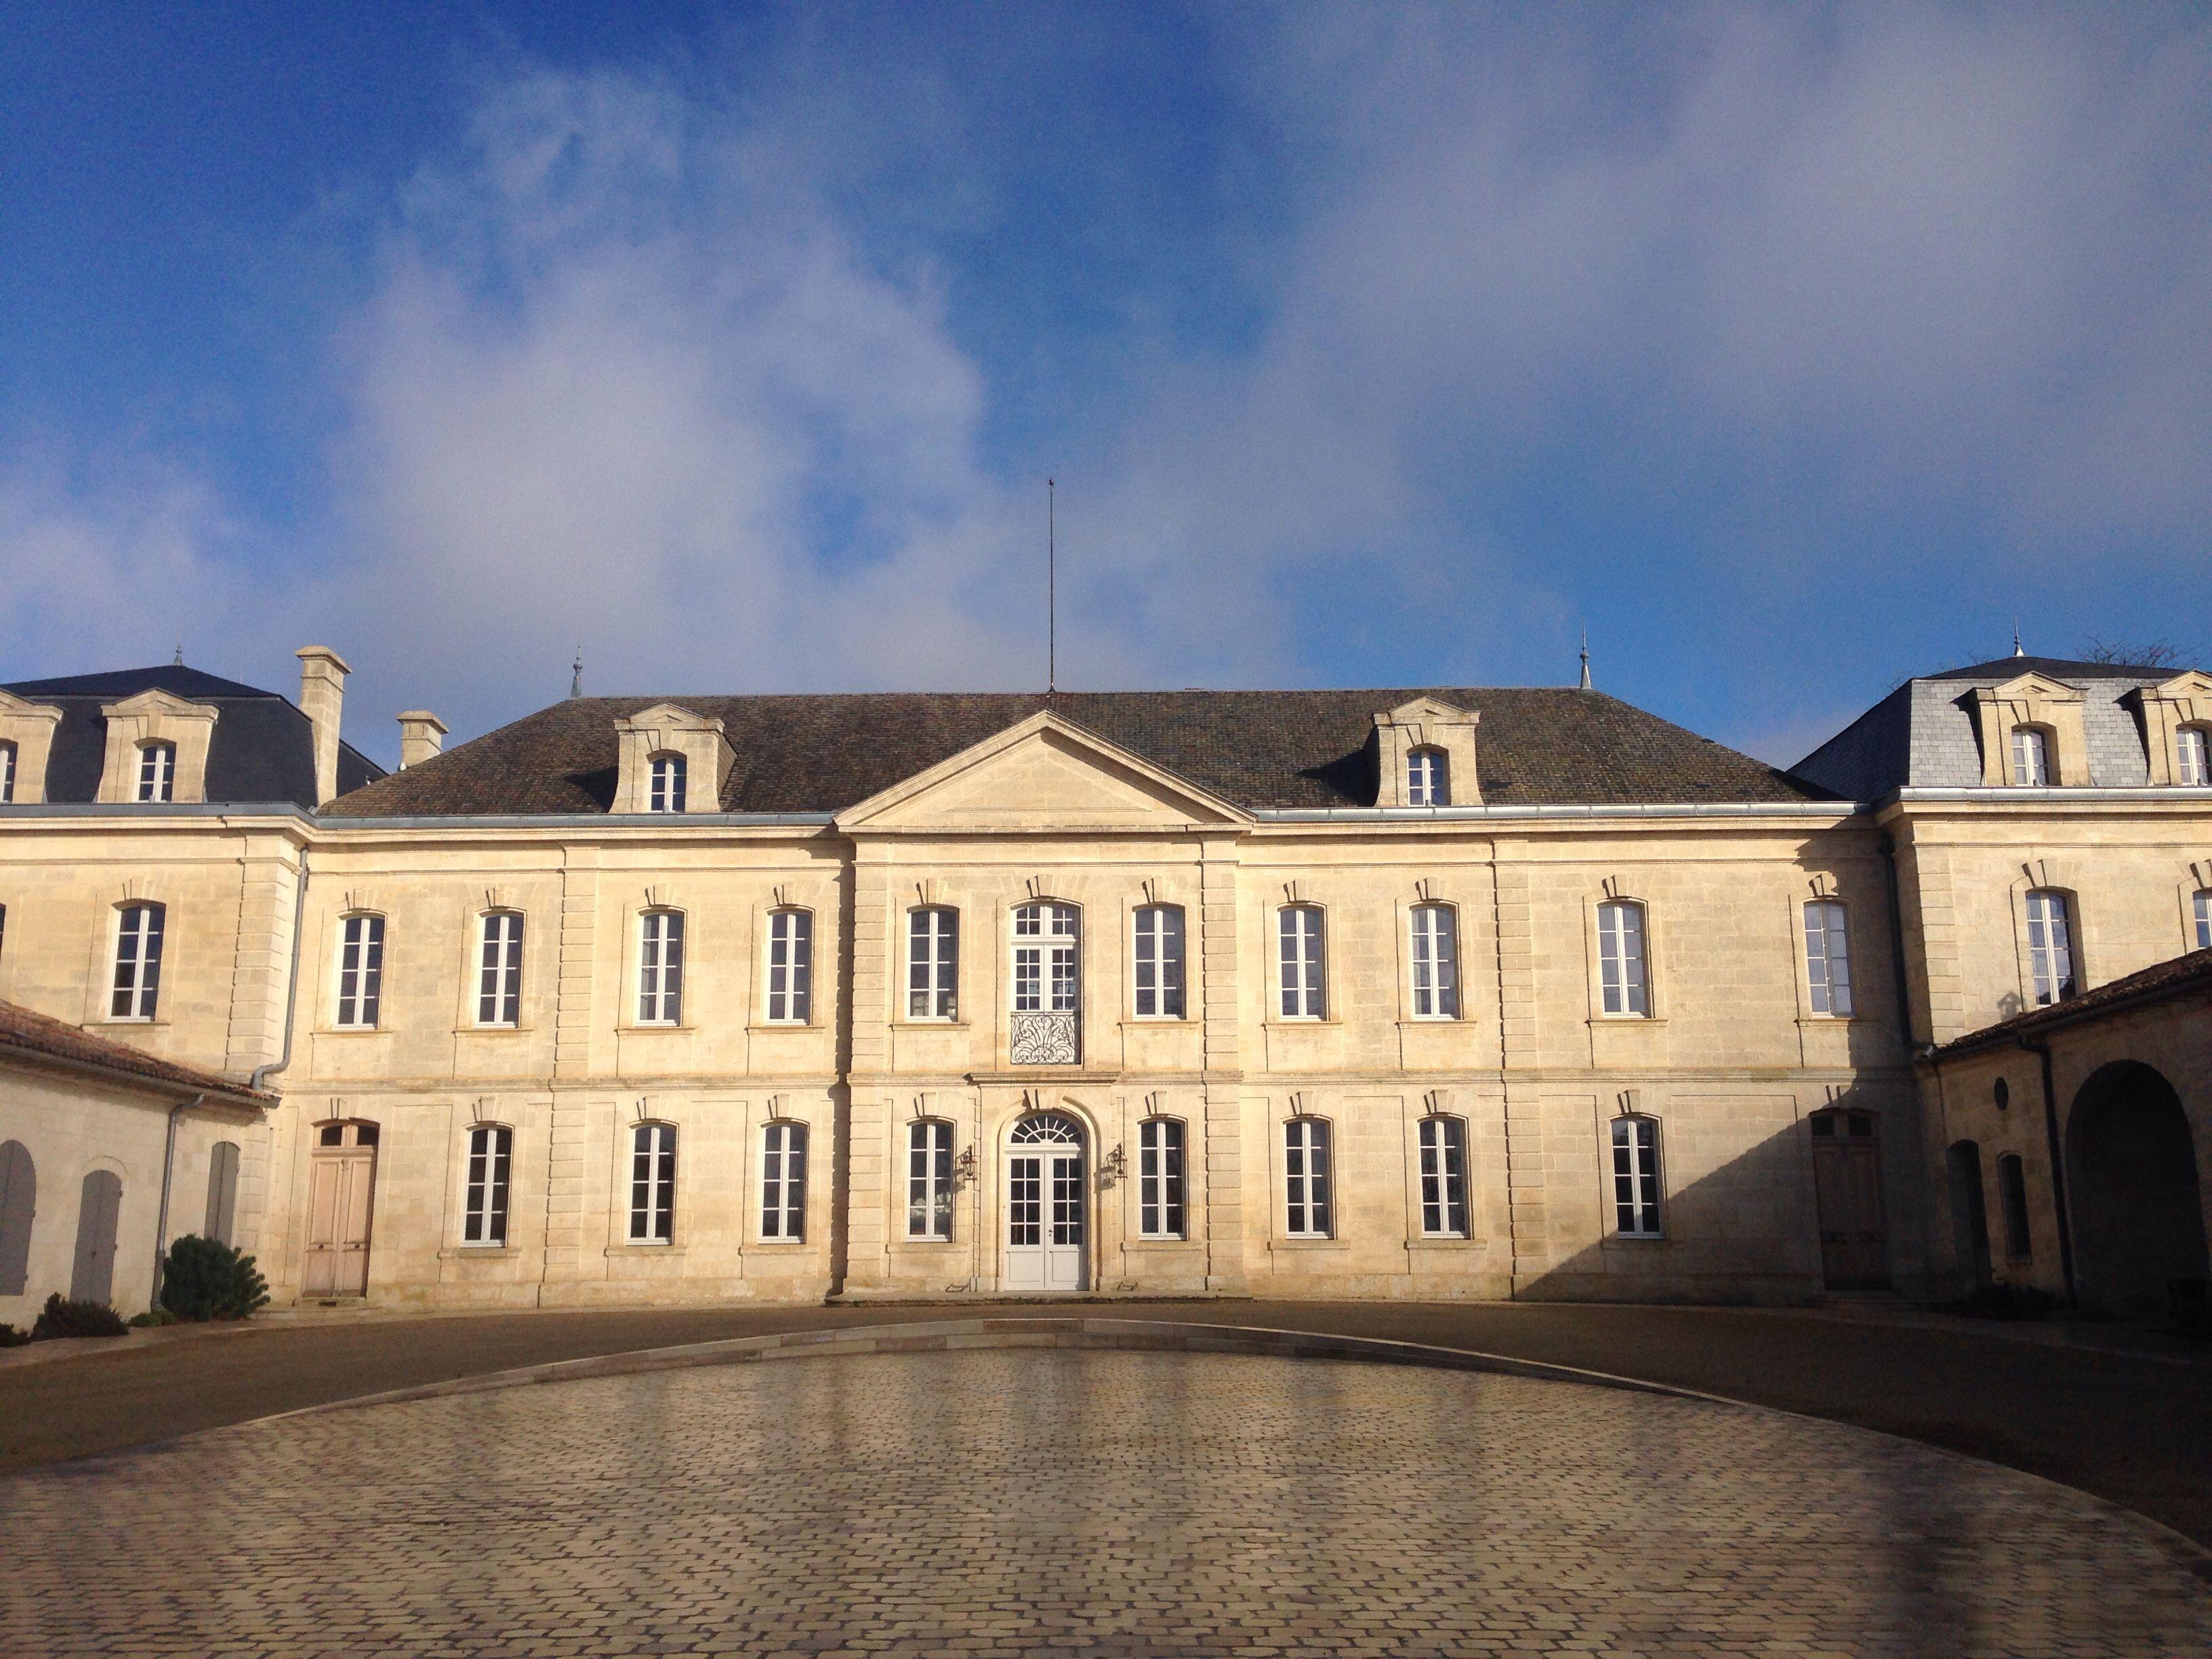 Сент-Эмильон и его изумительно красивые Замки ! :-) www.ru-france.com